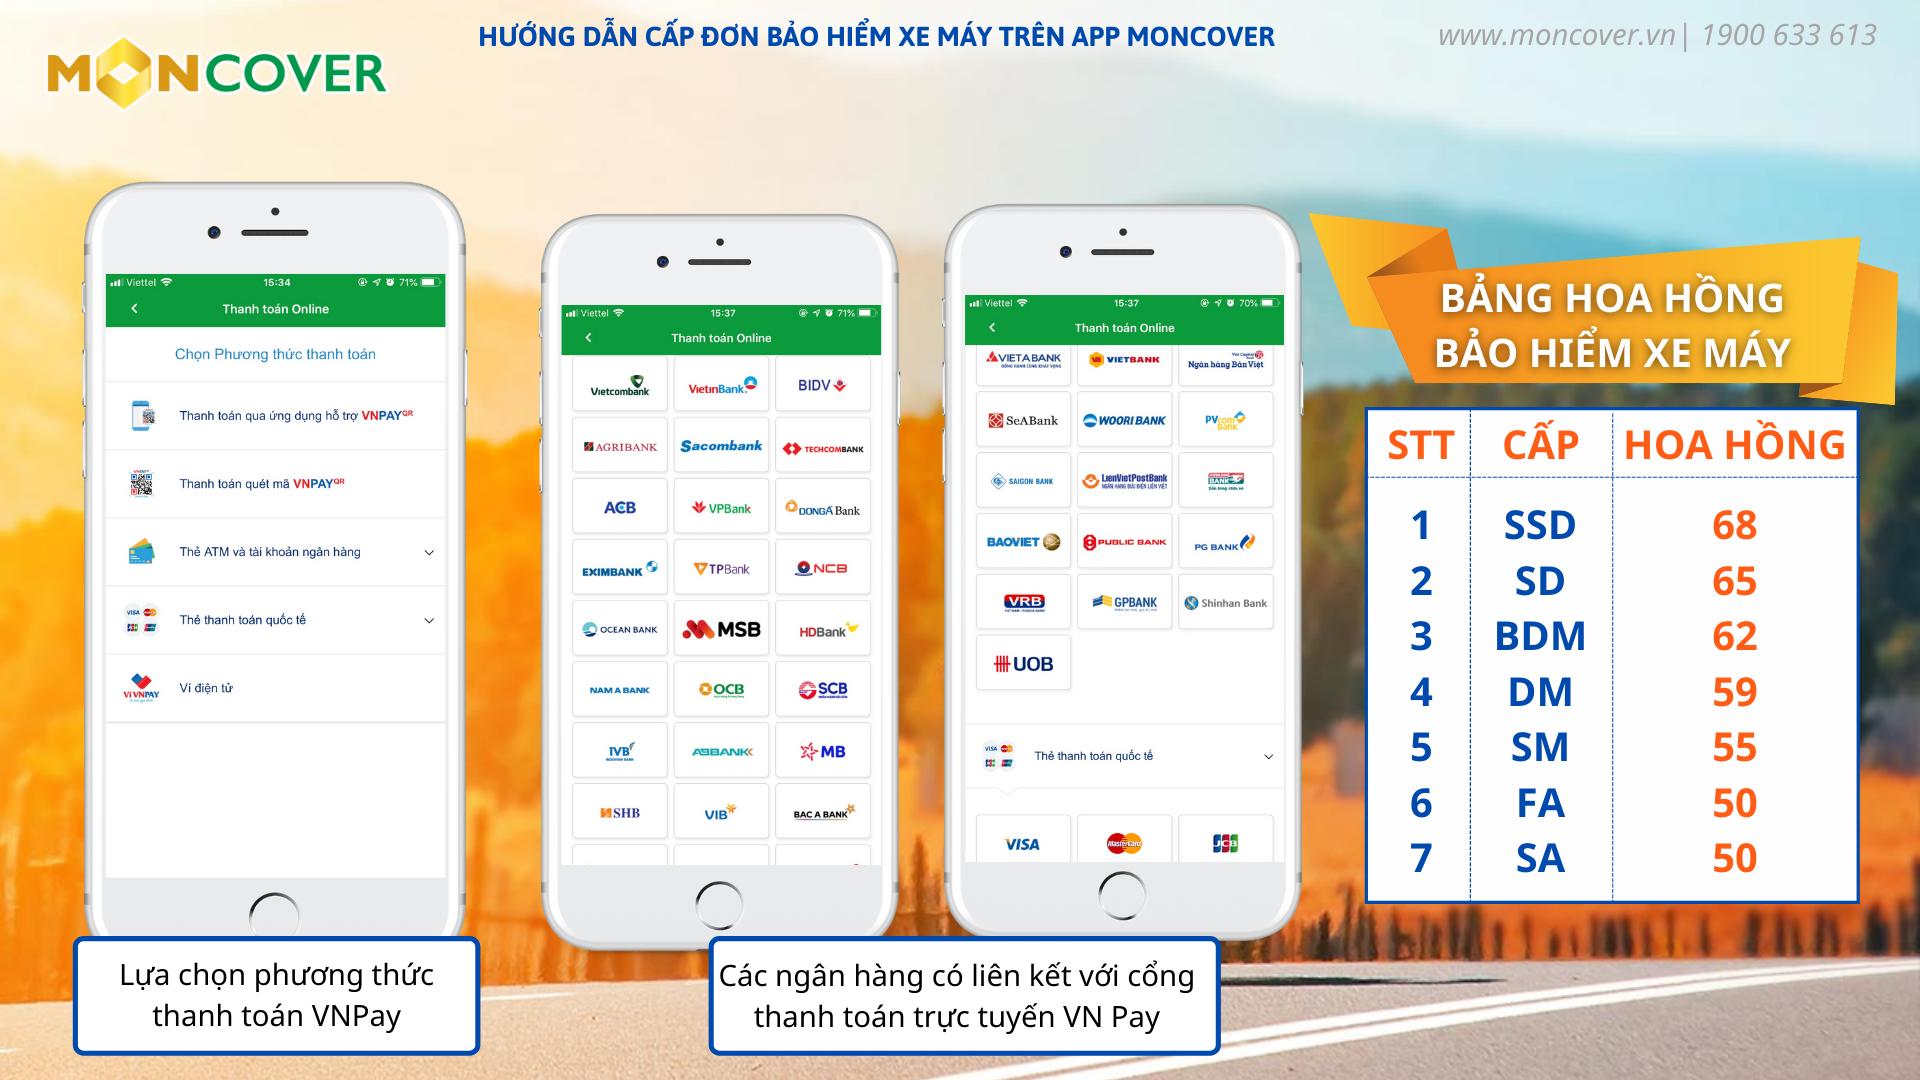 Hướng dẫn bán bảo hiểm xe máy trên app Moncover